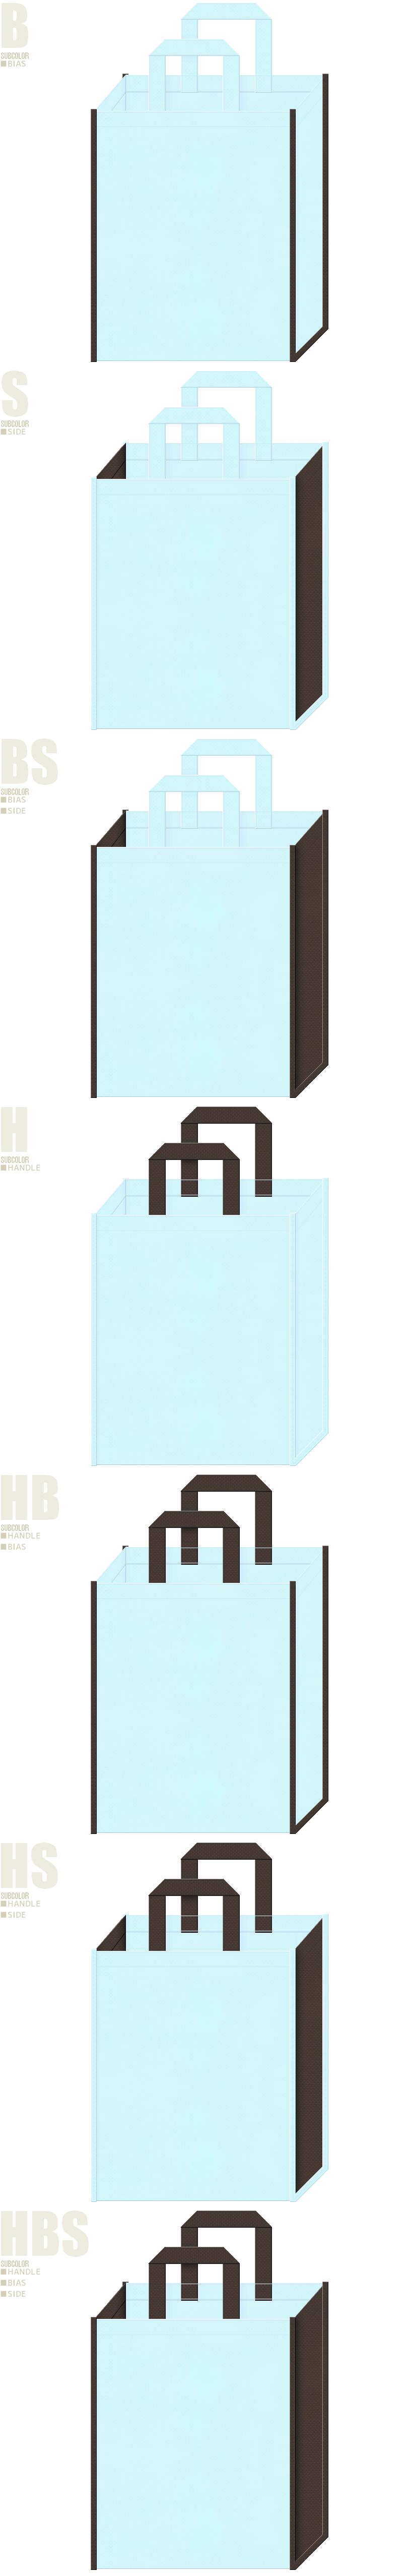 アイスキャンディー・ミントチョコ・ガーリーデザイン・水と環境・水資源・CO2削減・環境セミナー・環境イベントにお奨めの不織布バッグデザイン:水色とこげ茶色の配色7パターン